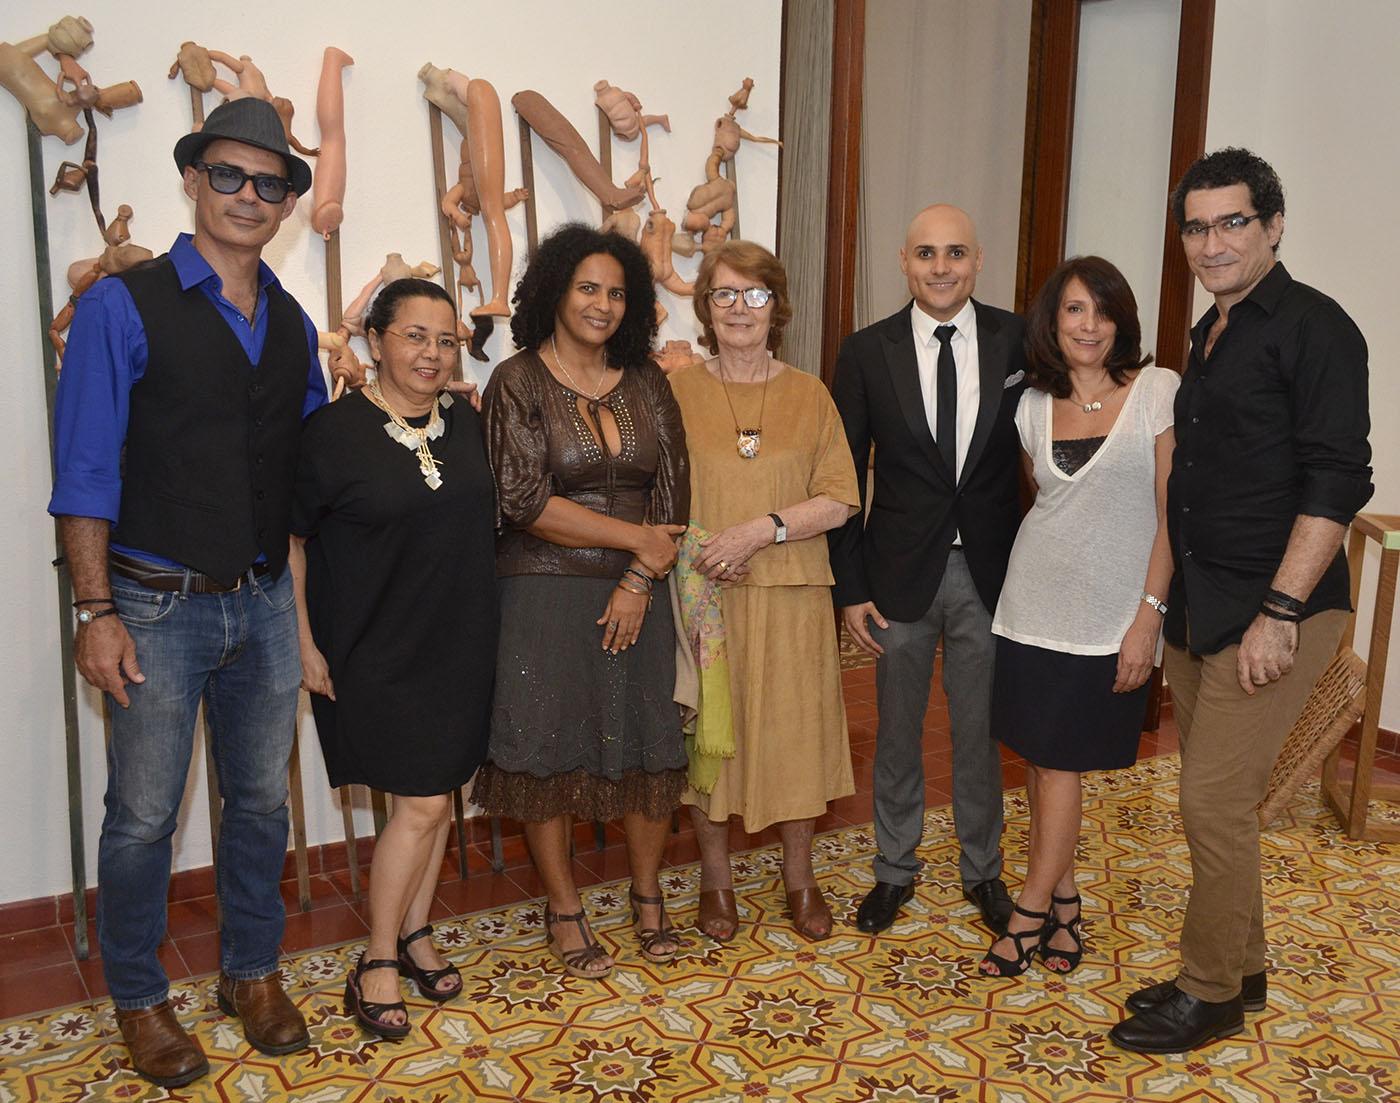 Algunos de los artistas de la exposición junto a la curadora y el coordinador general del MFPD